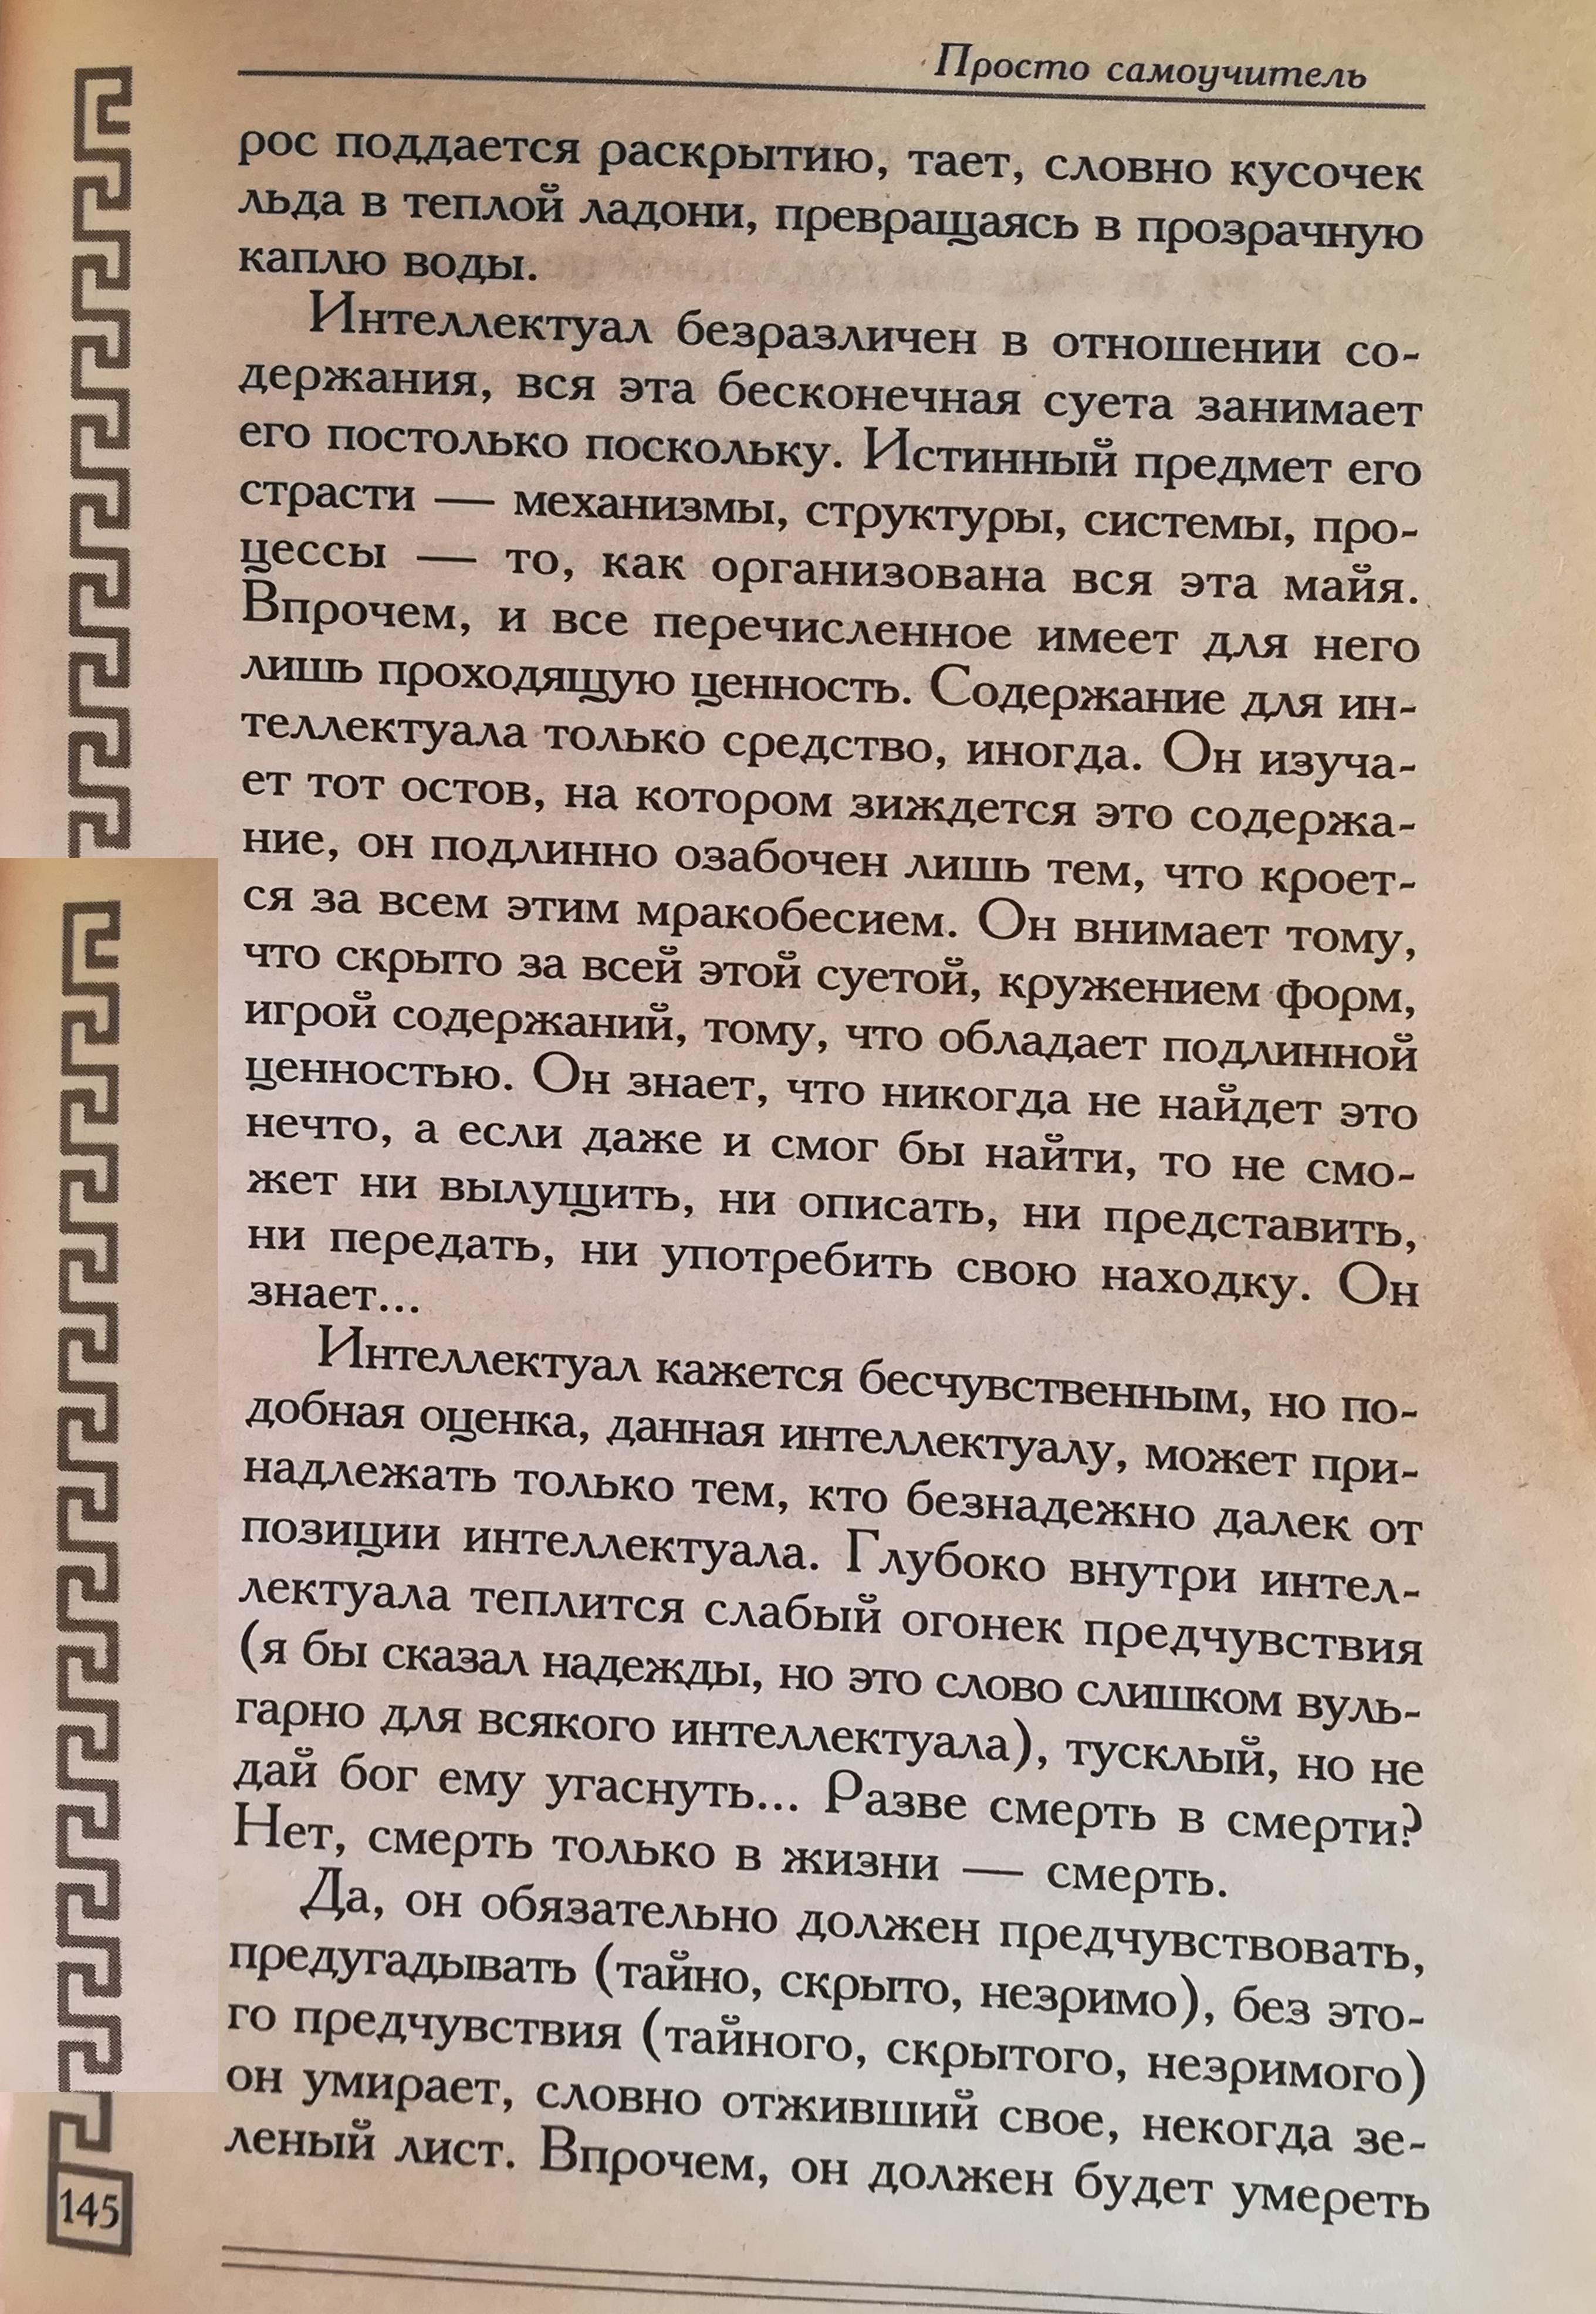 Andresi Kurpatovi eneseabi filosoofias  Kurpatov_145